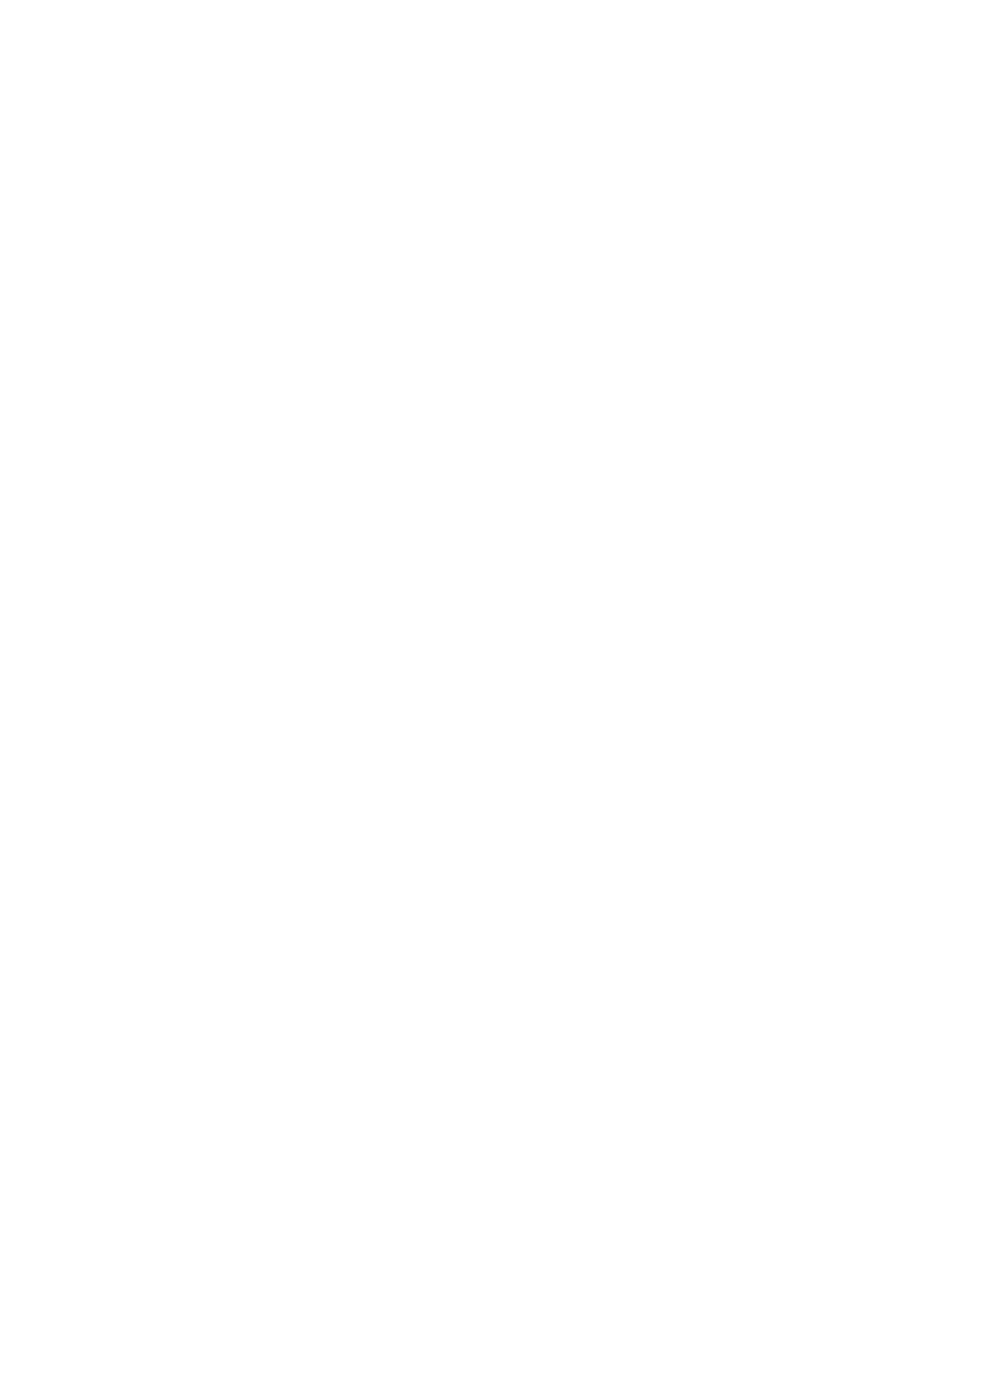 【ドラゴンボールエロ同人誌】むっちりおっきなオッパイなブルマママが変態亀仙人の極太巨根チンコにエロ御奉仕プレイwwwグチョ濡れになった熟女オマンコを生巨根チンコで陵辱されたらチンポの快感に負けちゃって大量膣内射精(なかだし)で悶絶アクメwww【ブルマ&ブルマママ】